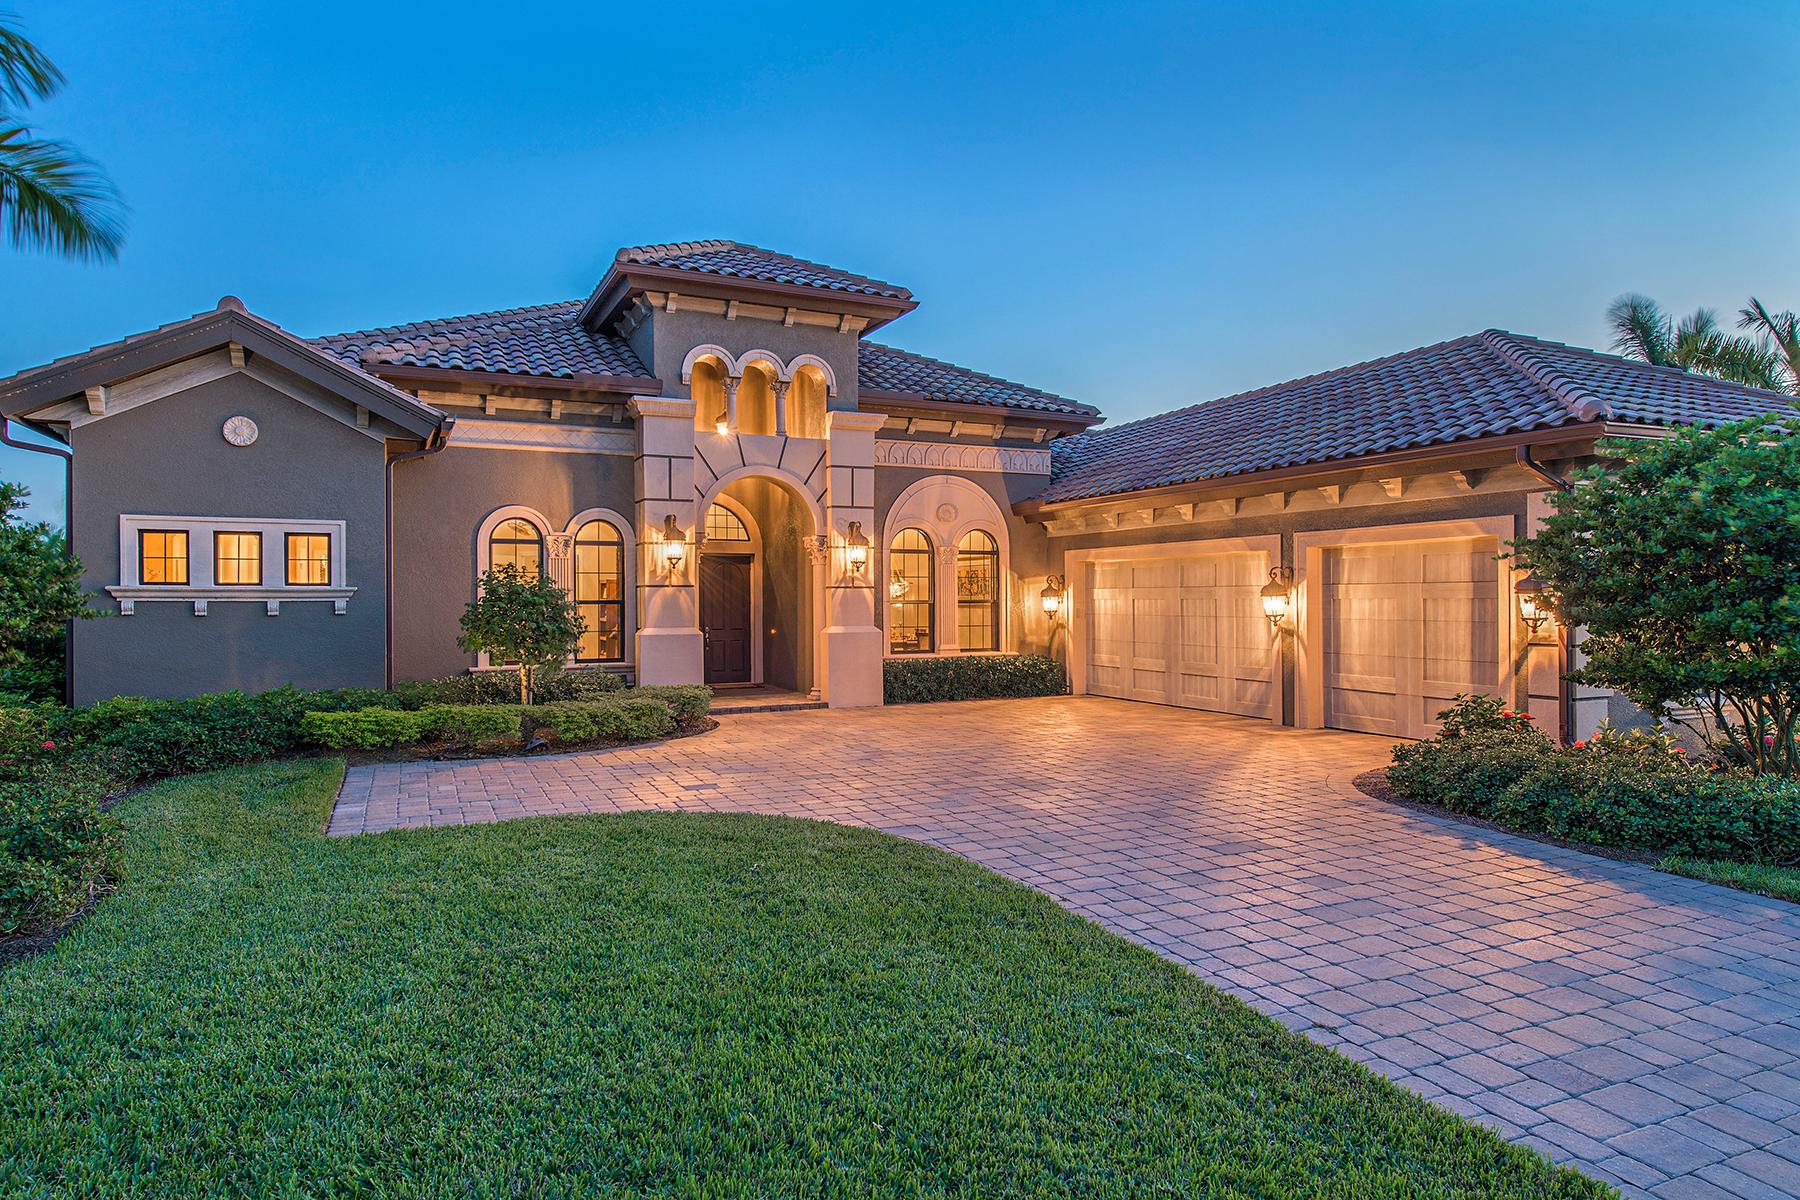 独户住宅 为 销售 在 LAKOYA - LELY RESORT 6464 Emilia Ct Naples, 佛罗里达州 34113 美国